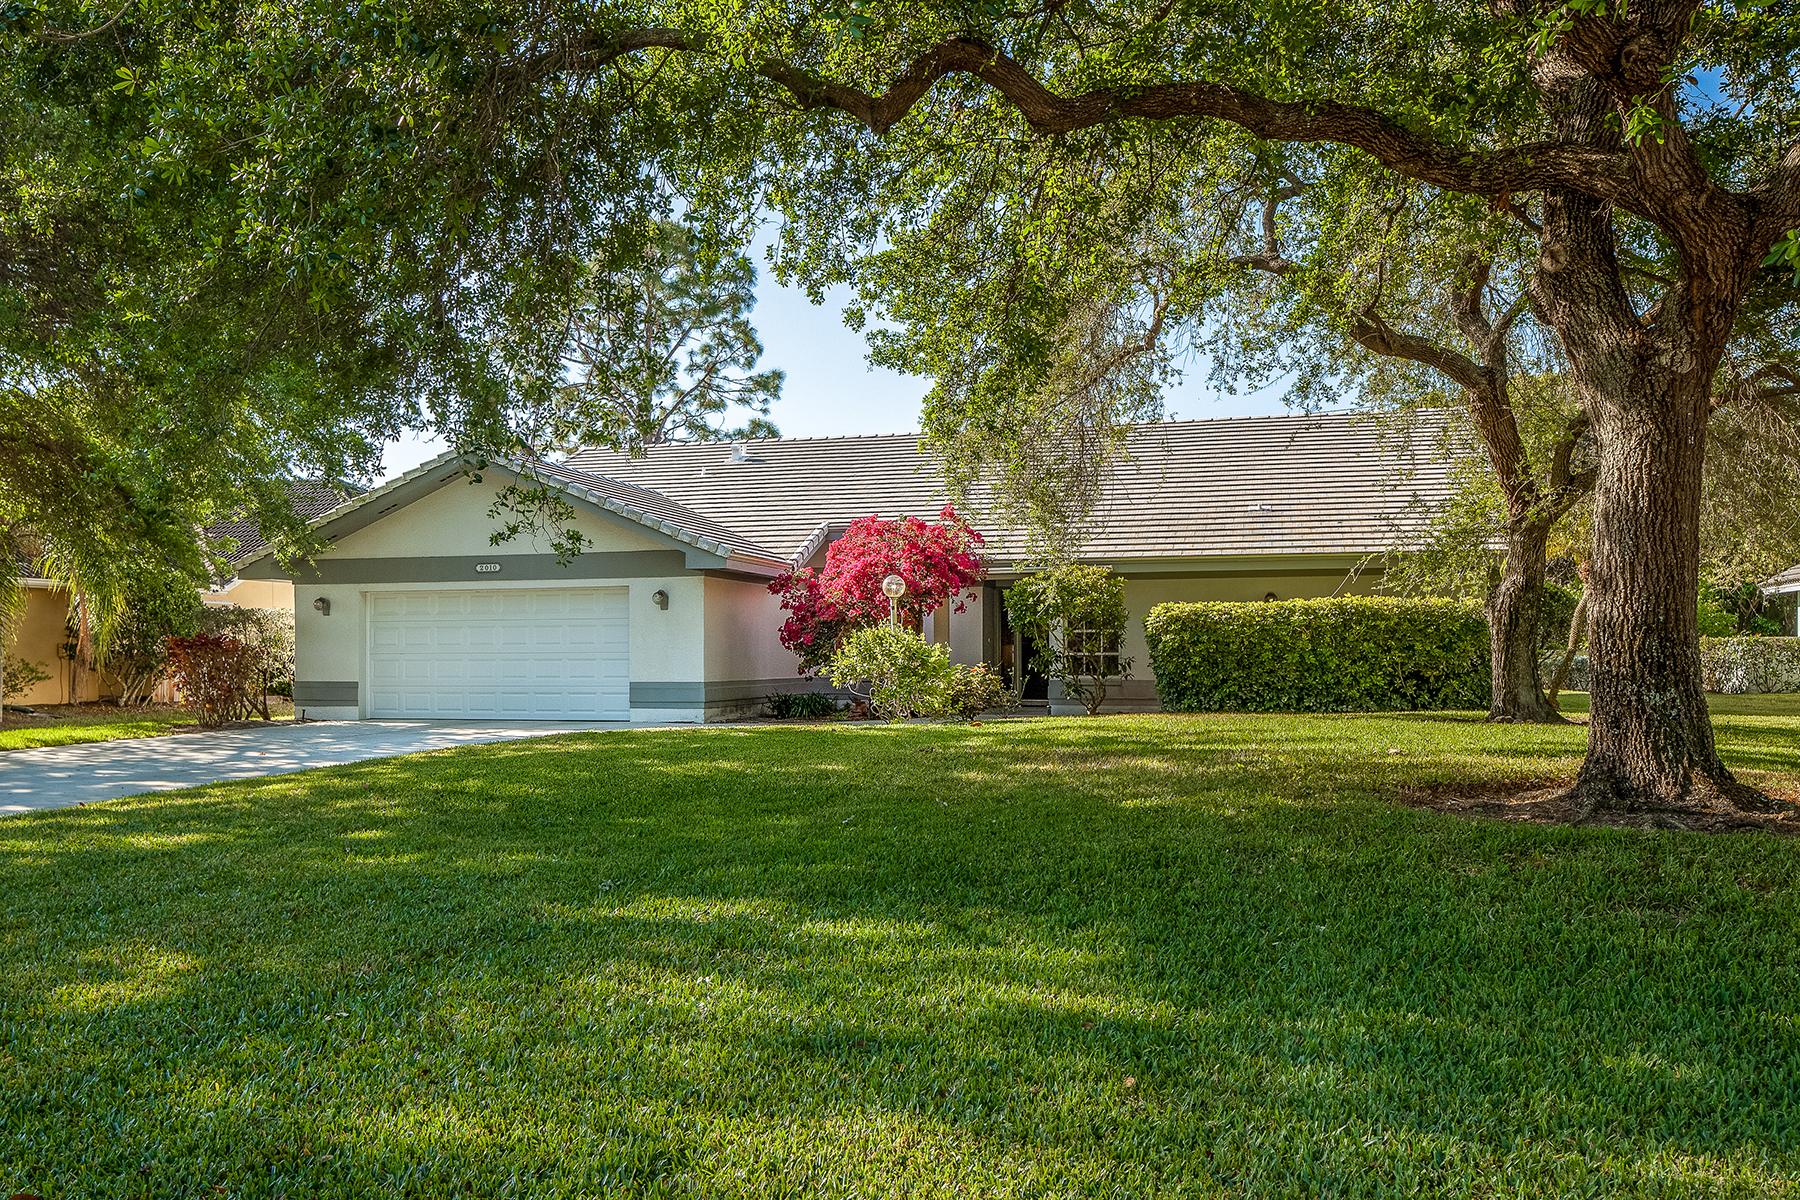 獨棟家庭住宅 為 出售 在 2010 Laguna Way , Naples, FL 34109 2010 Laguna Way Naples, 佛羅里達州, 34109 美國